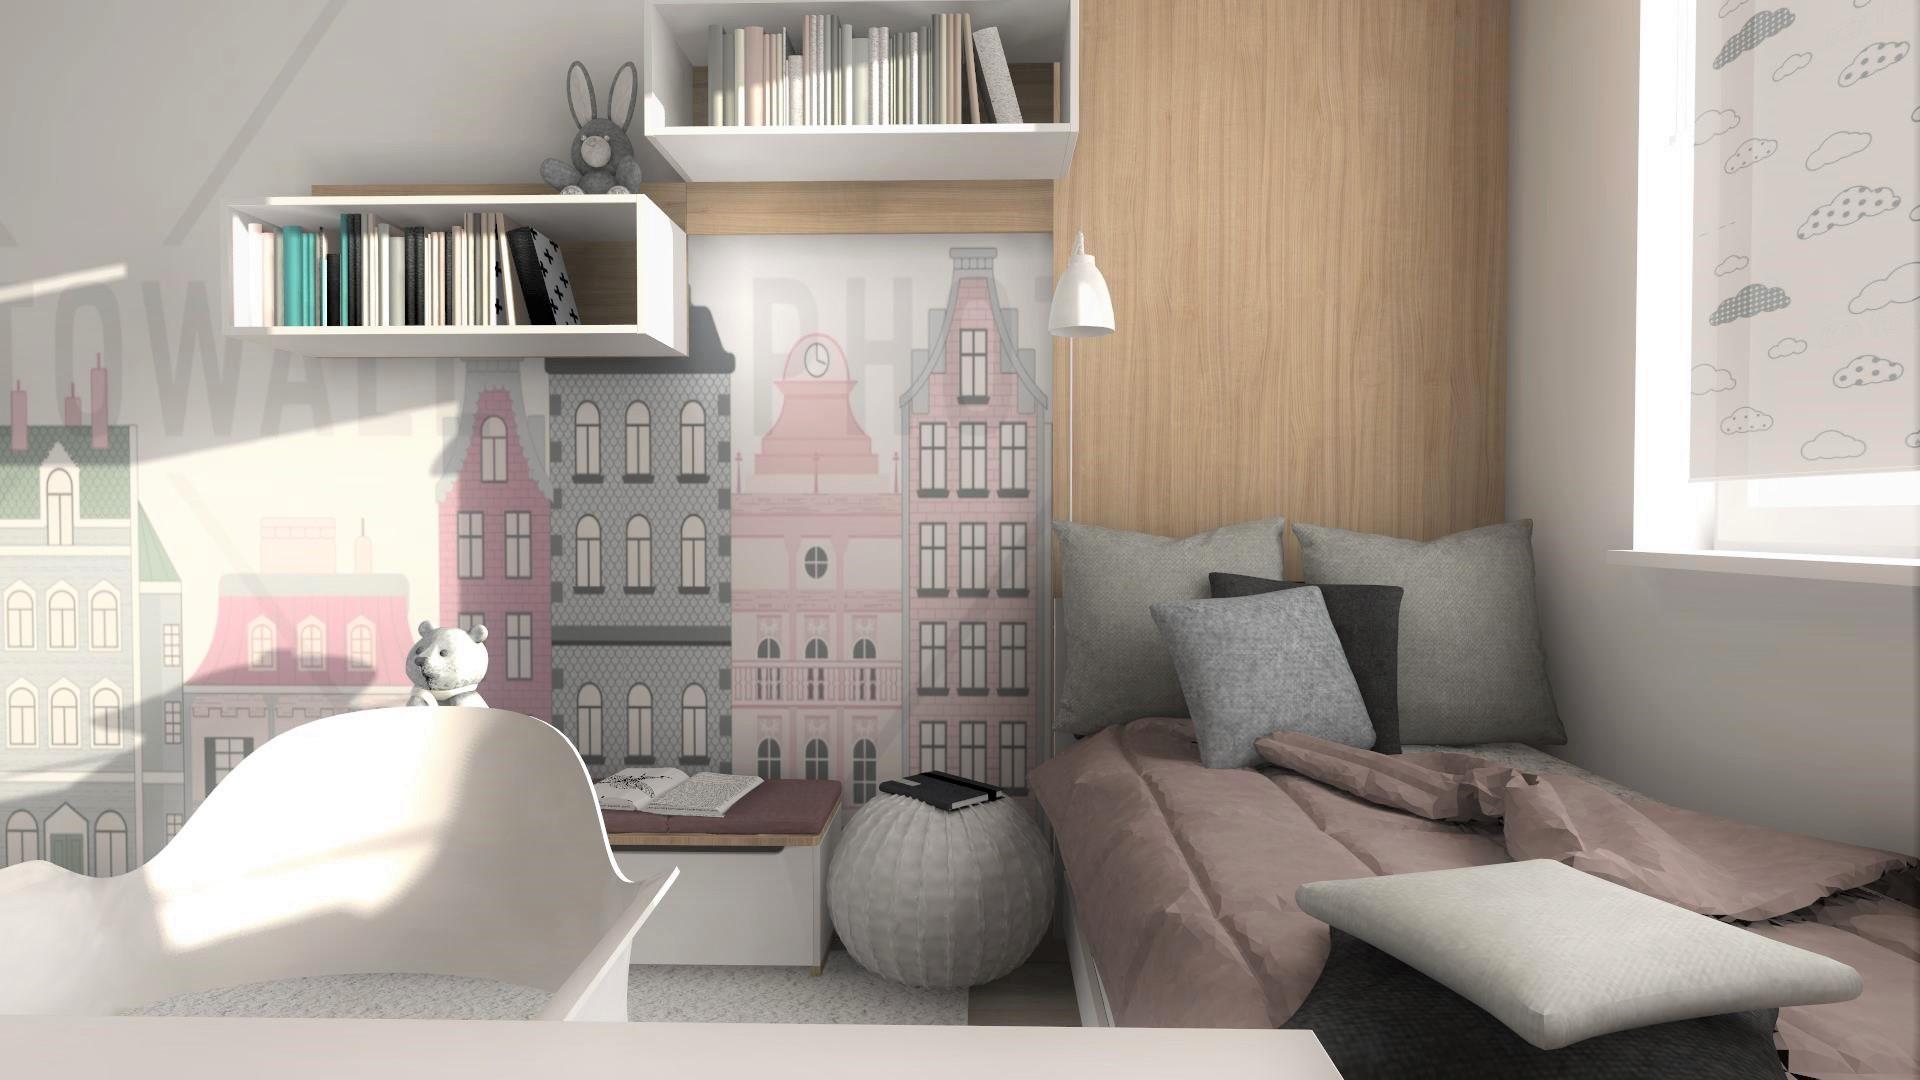 designbox_marta_bednarska_małek_projektowanie_wnętrz_pokój_dla_dziewczynki_projektowanie_wnętrz_Lubi